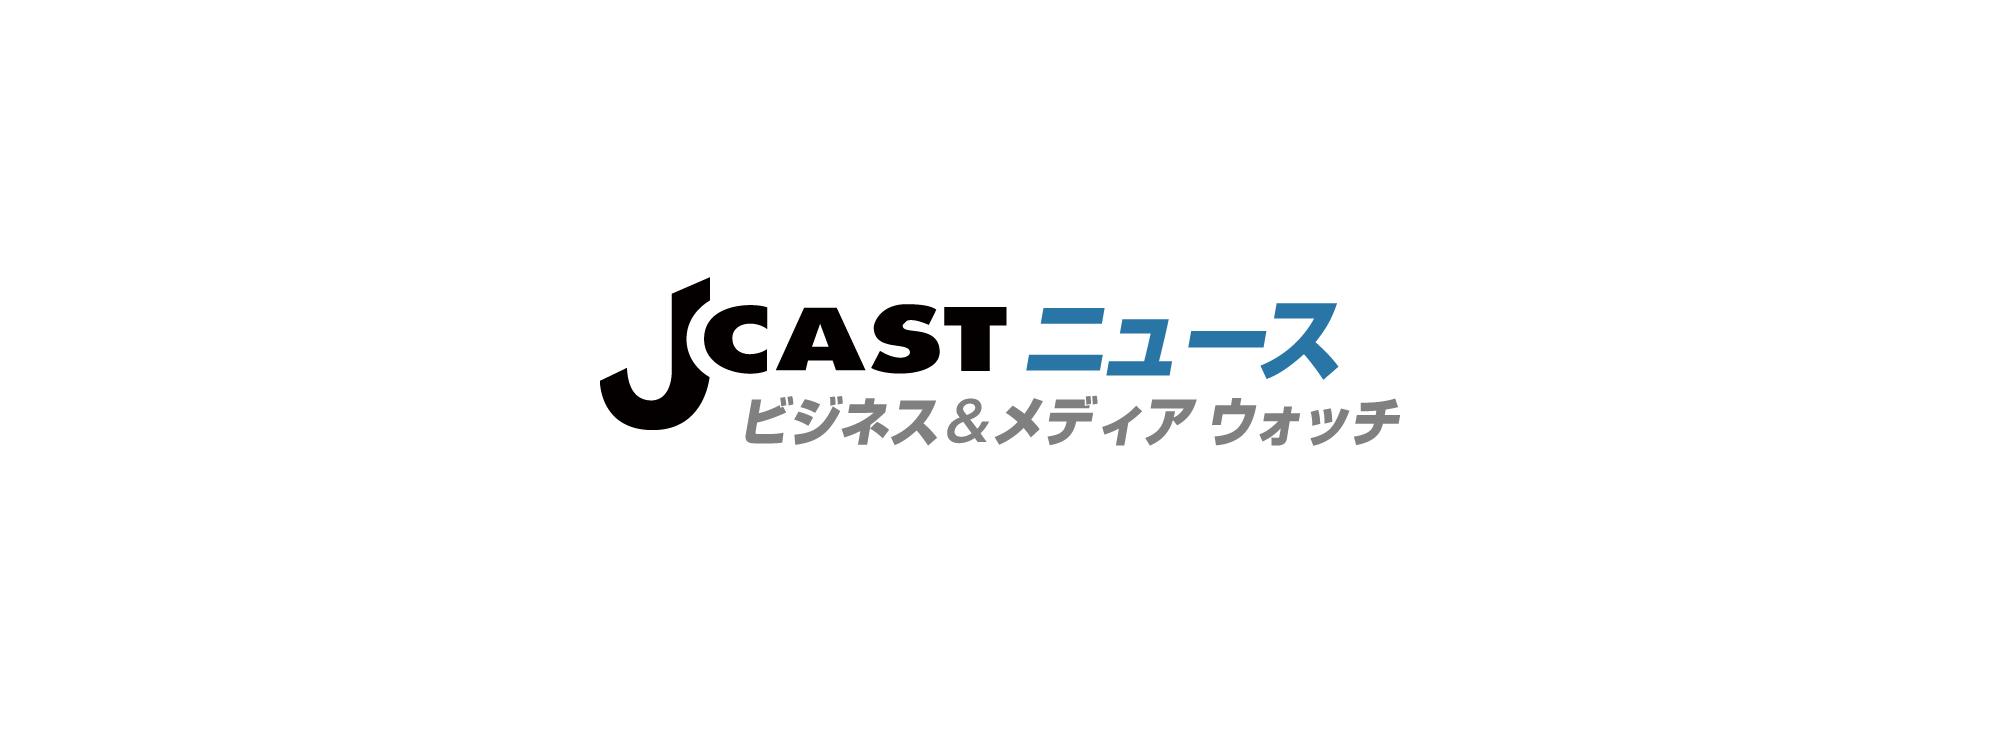 武井壮、自作ステンドグラスの「ギャップ」に驚き  : J-CASTテレビウォッチ